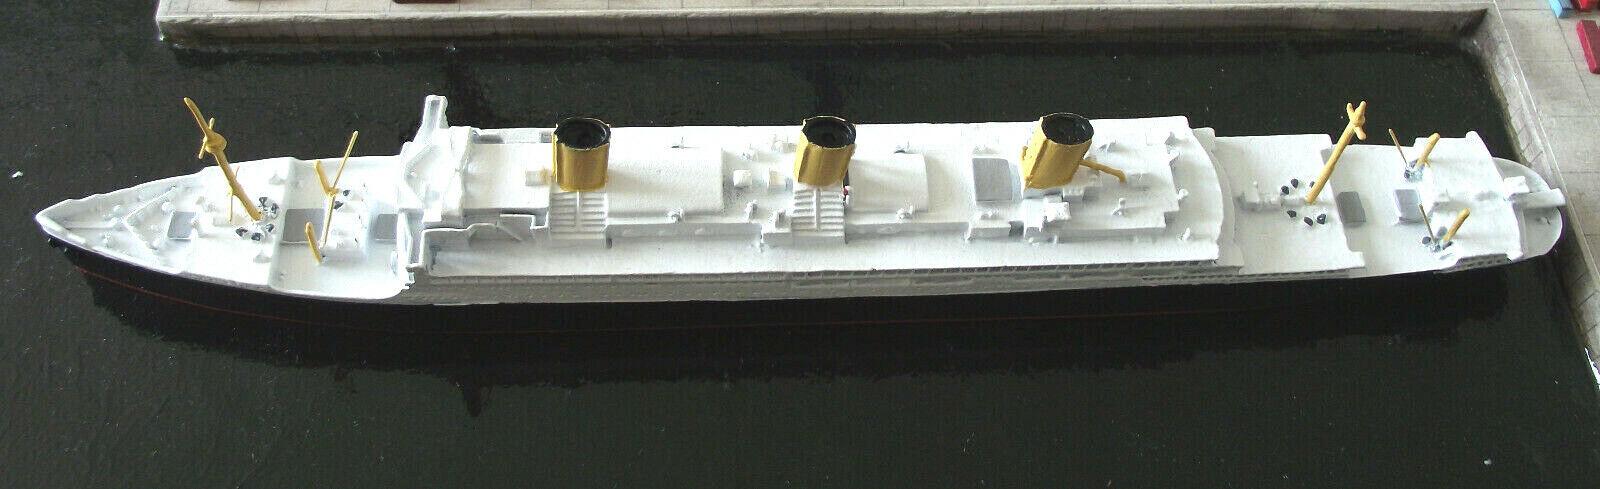 A la venta con descuento del 70%. Cm barco 1 1250 gb deentrenamiento  Caledonia Caledonia Caledonia  cm-P 1221. OVP  contador genuino